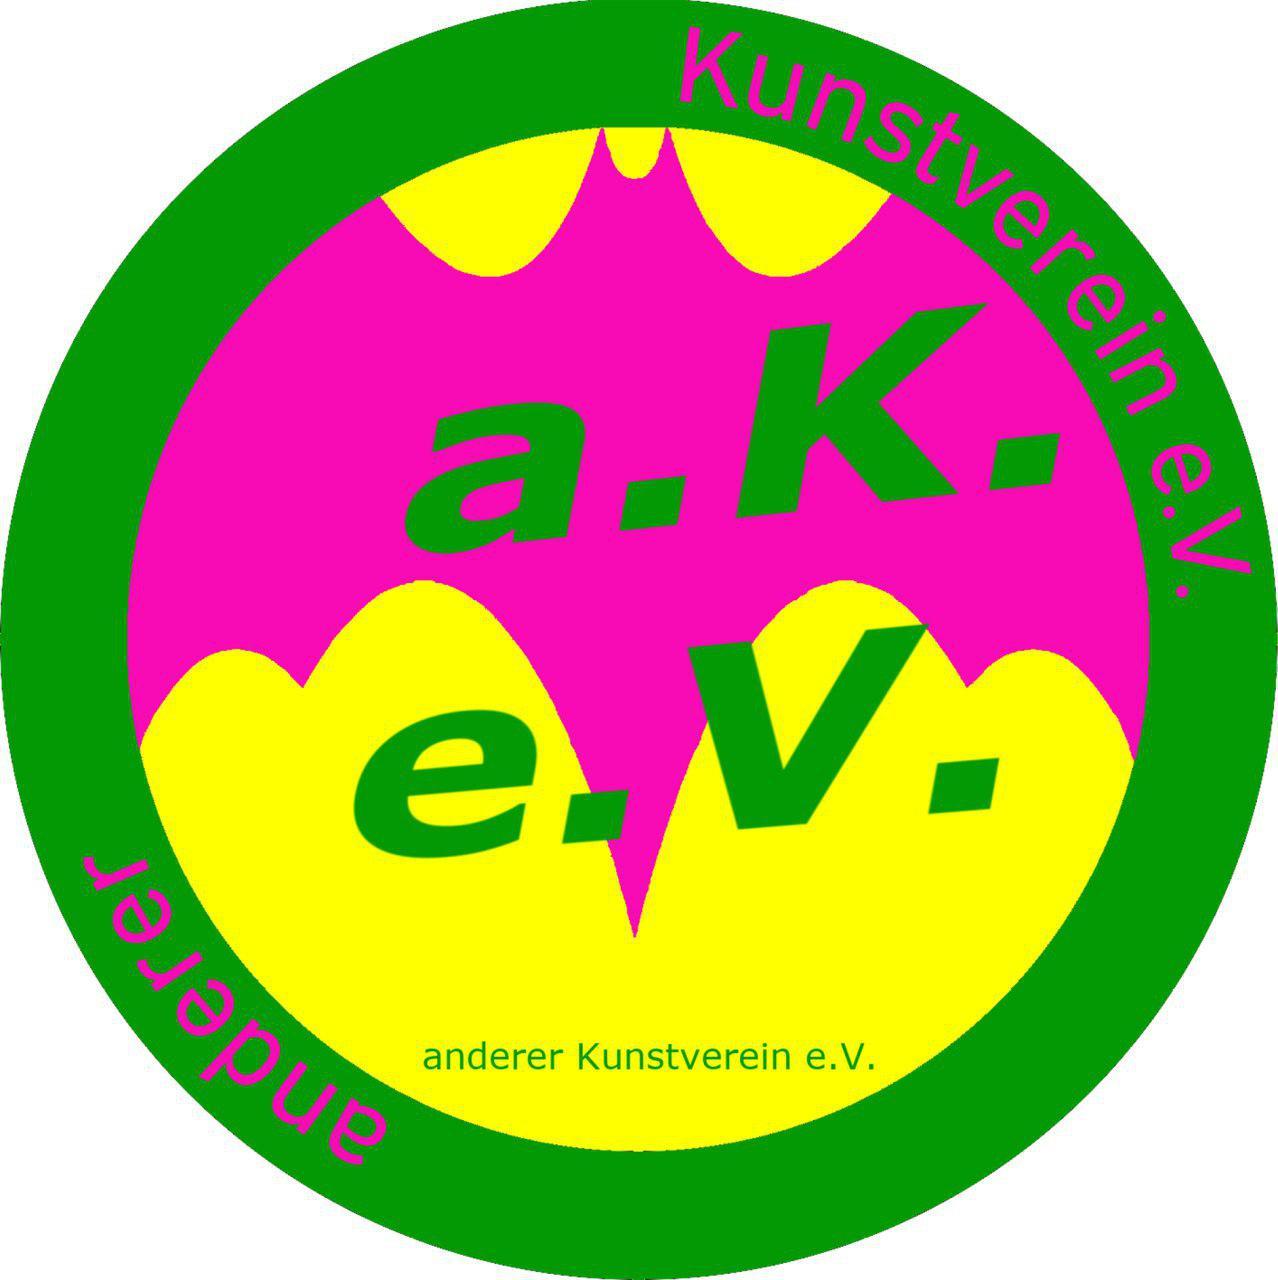 Anderer Kunstverein e.V.